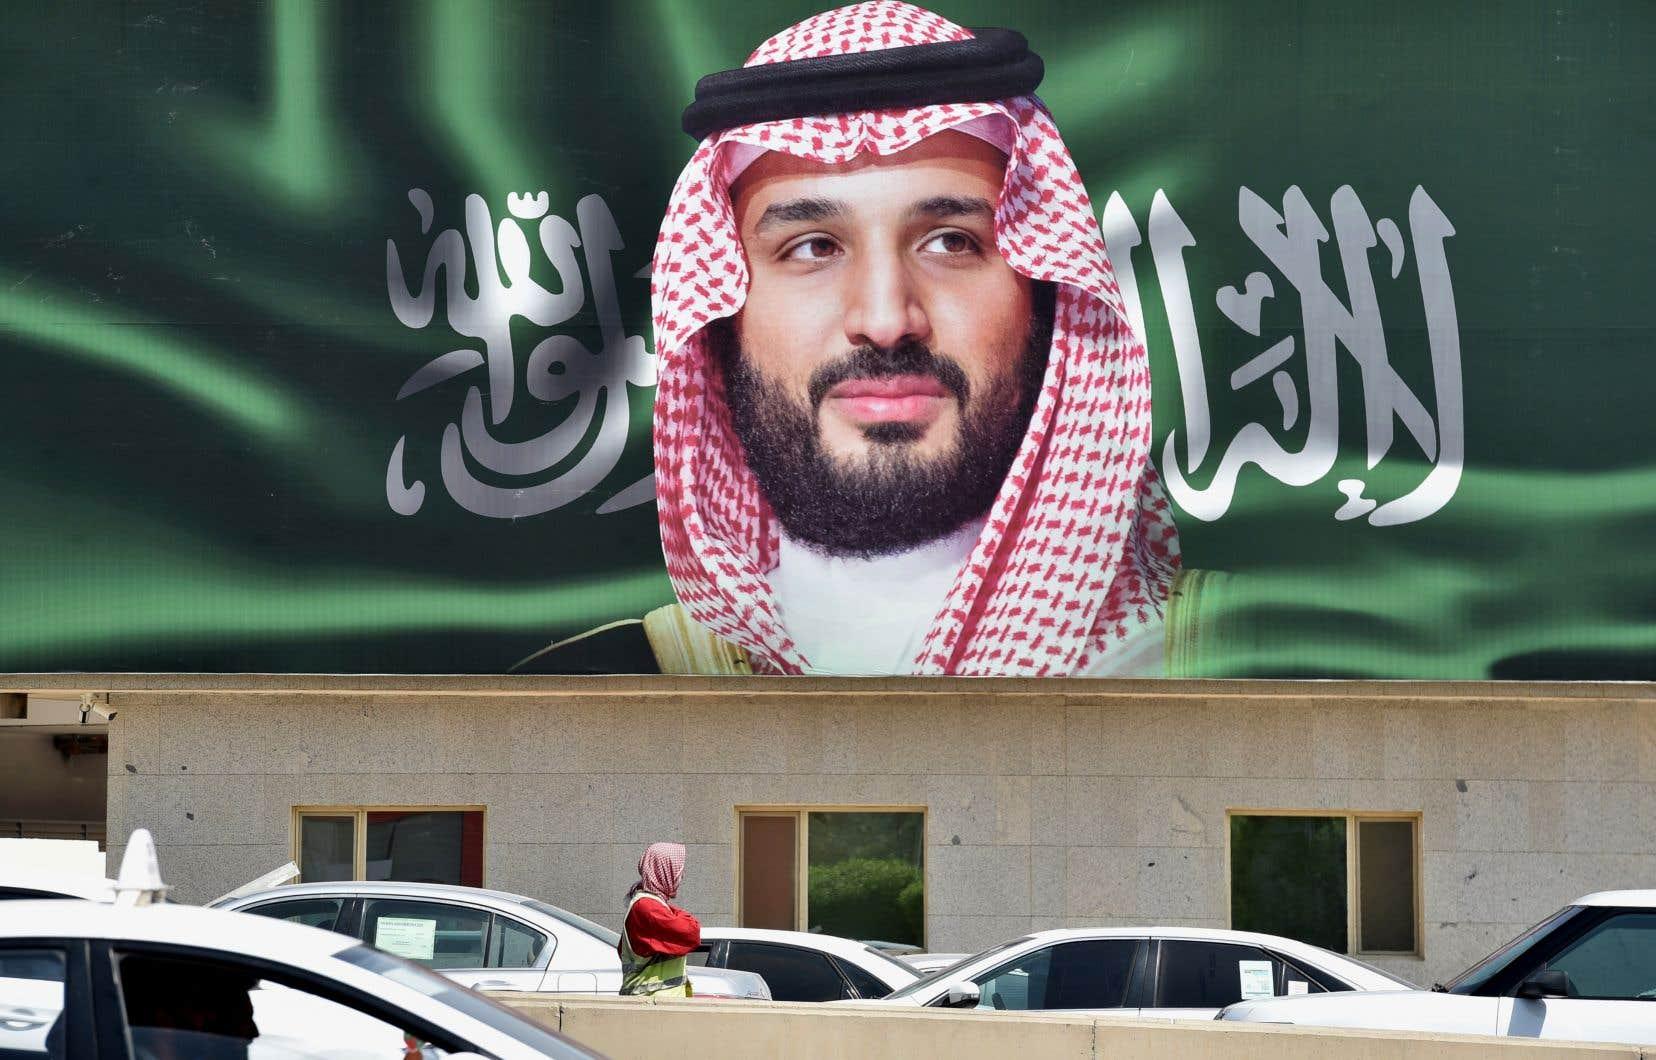 Dans un rapport, la CIA rapporte que le prince Mohammed ben Salman a écrit au moins onze messages à son plus proche conseiller, Saoud al-Qahtani, qui supervisait l'équipe de quinze hommes envoyés en Turquie pour tuer Jamal Khashoggi.